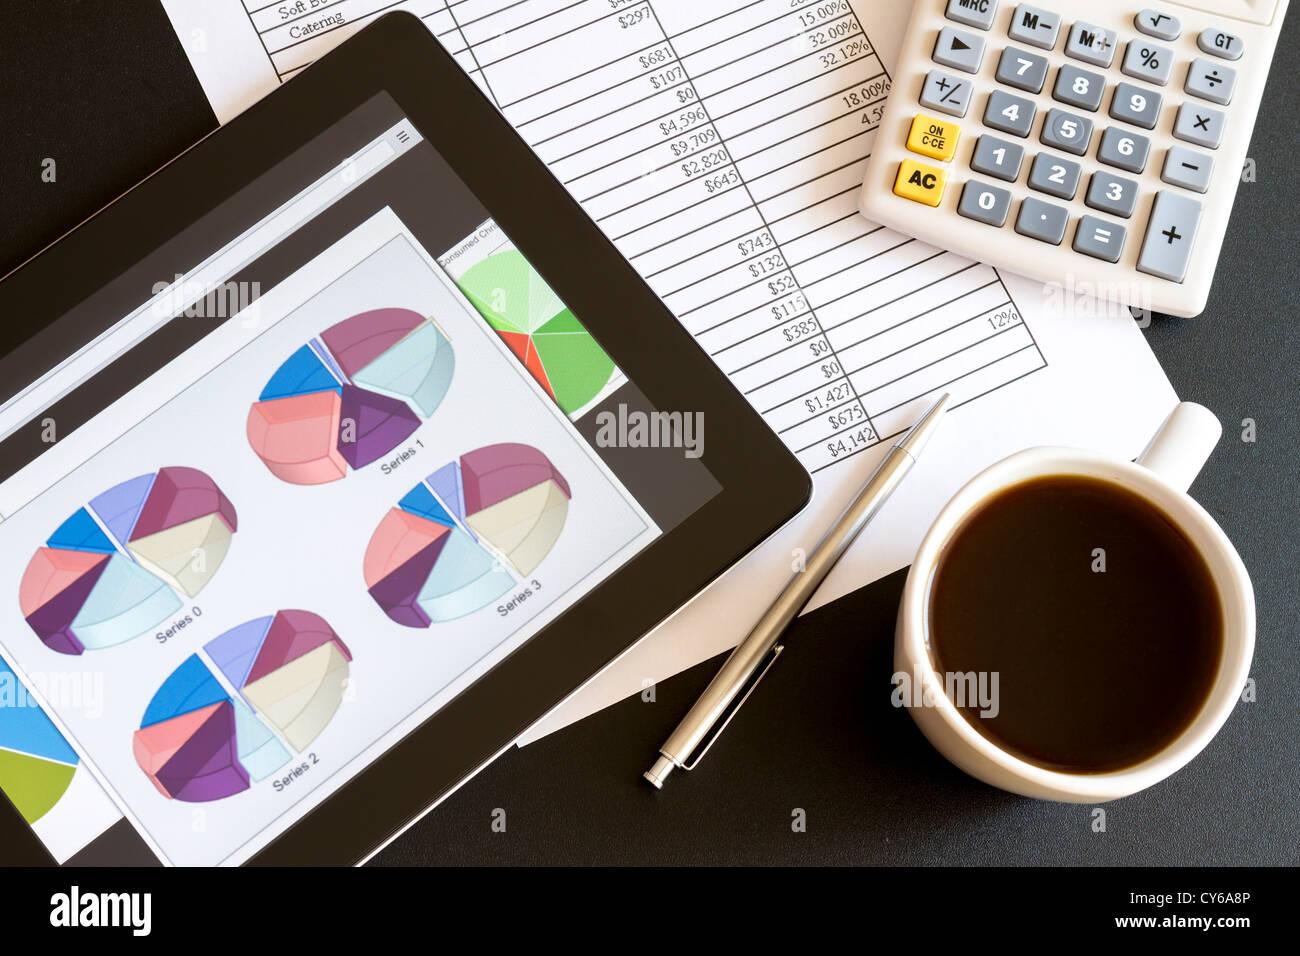 Ambiente di lavoro moderno con tavoletta digitale che mostra grafici e schema sullo schermo, caffè, penna e Immagini Stock